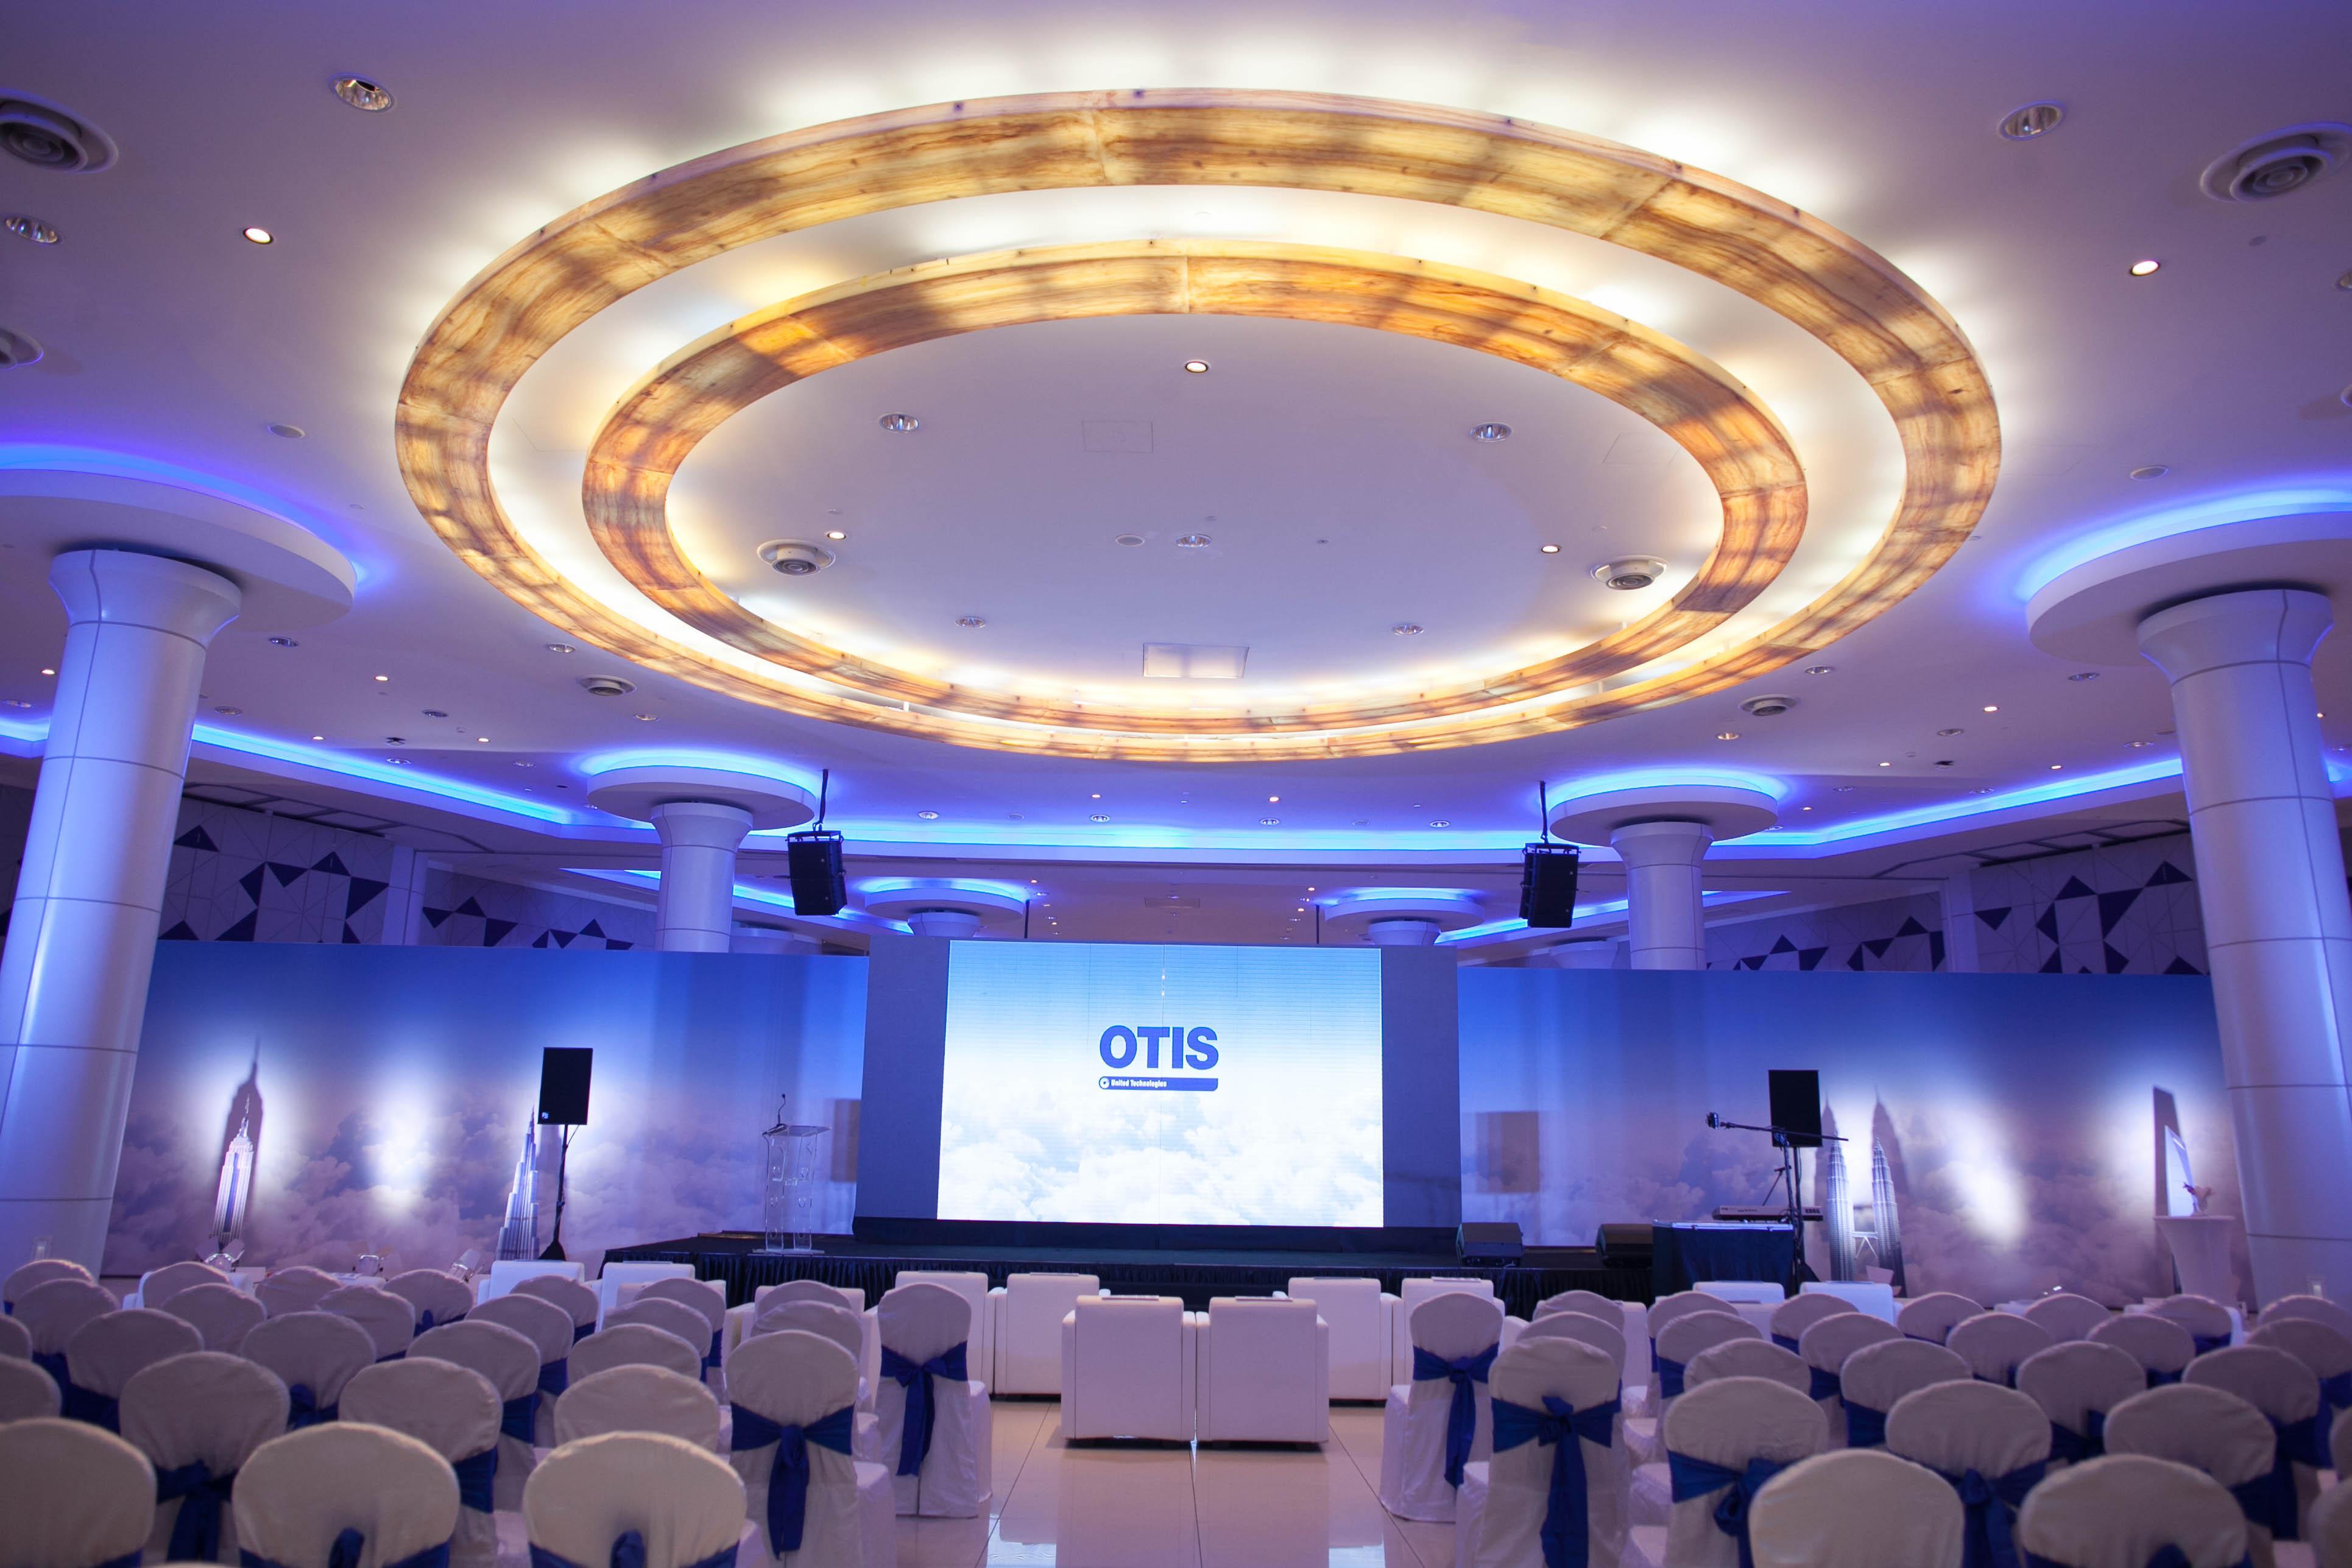 OTIS High-Rise Symposium